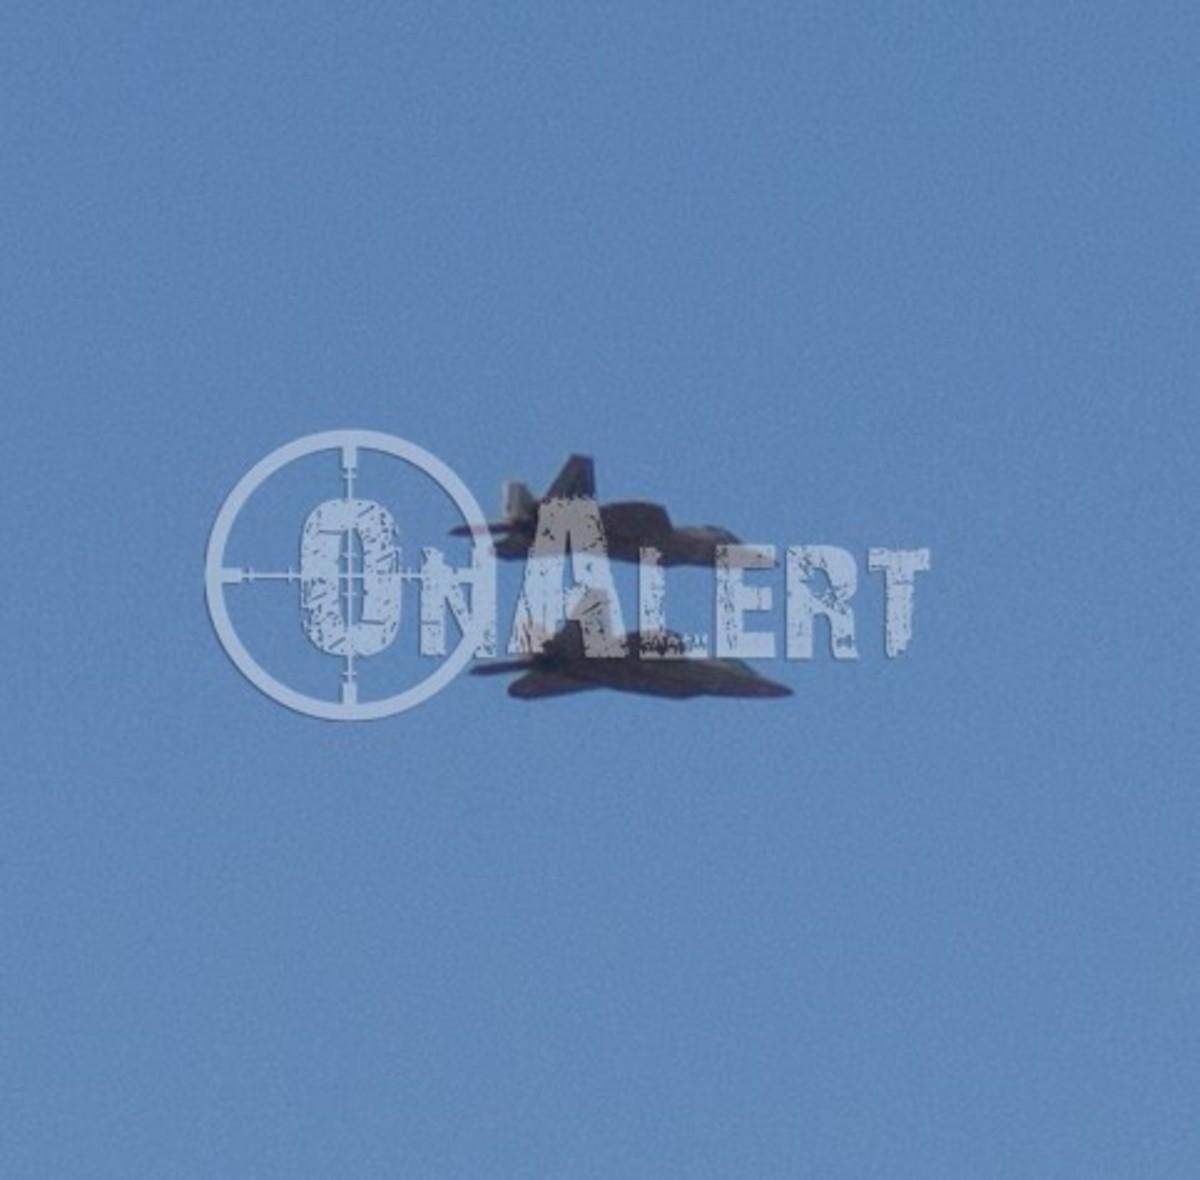 Λάρισα: Έκαναν χάζι τα F-22 Raptor τη στιγμή της καθόδου τους | Newsit.gr